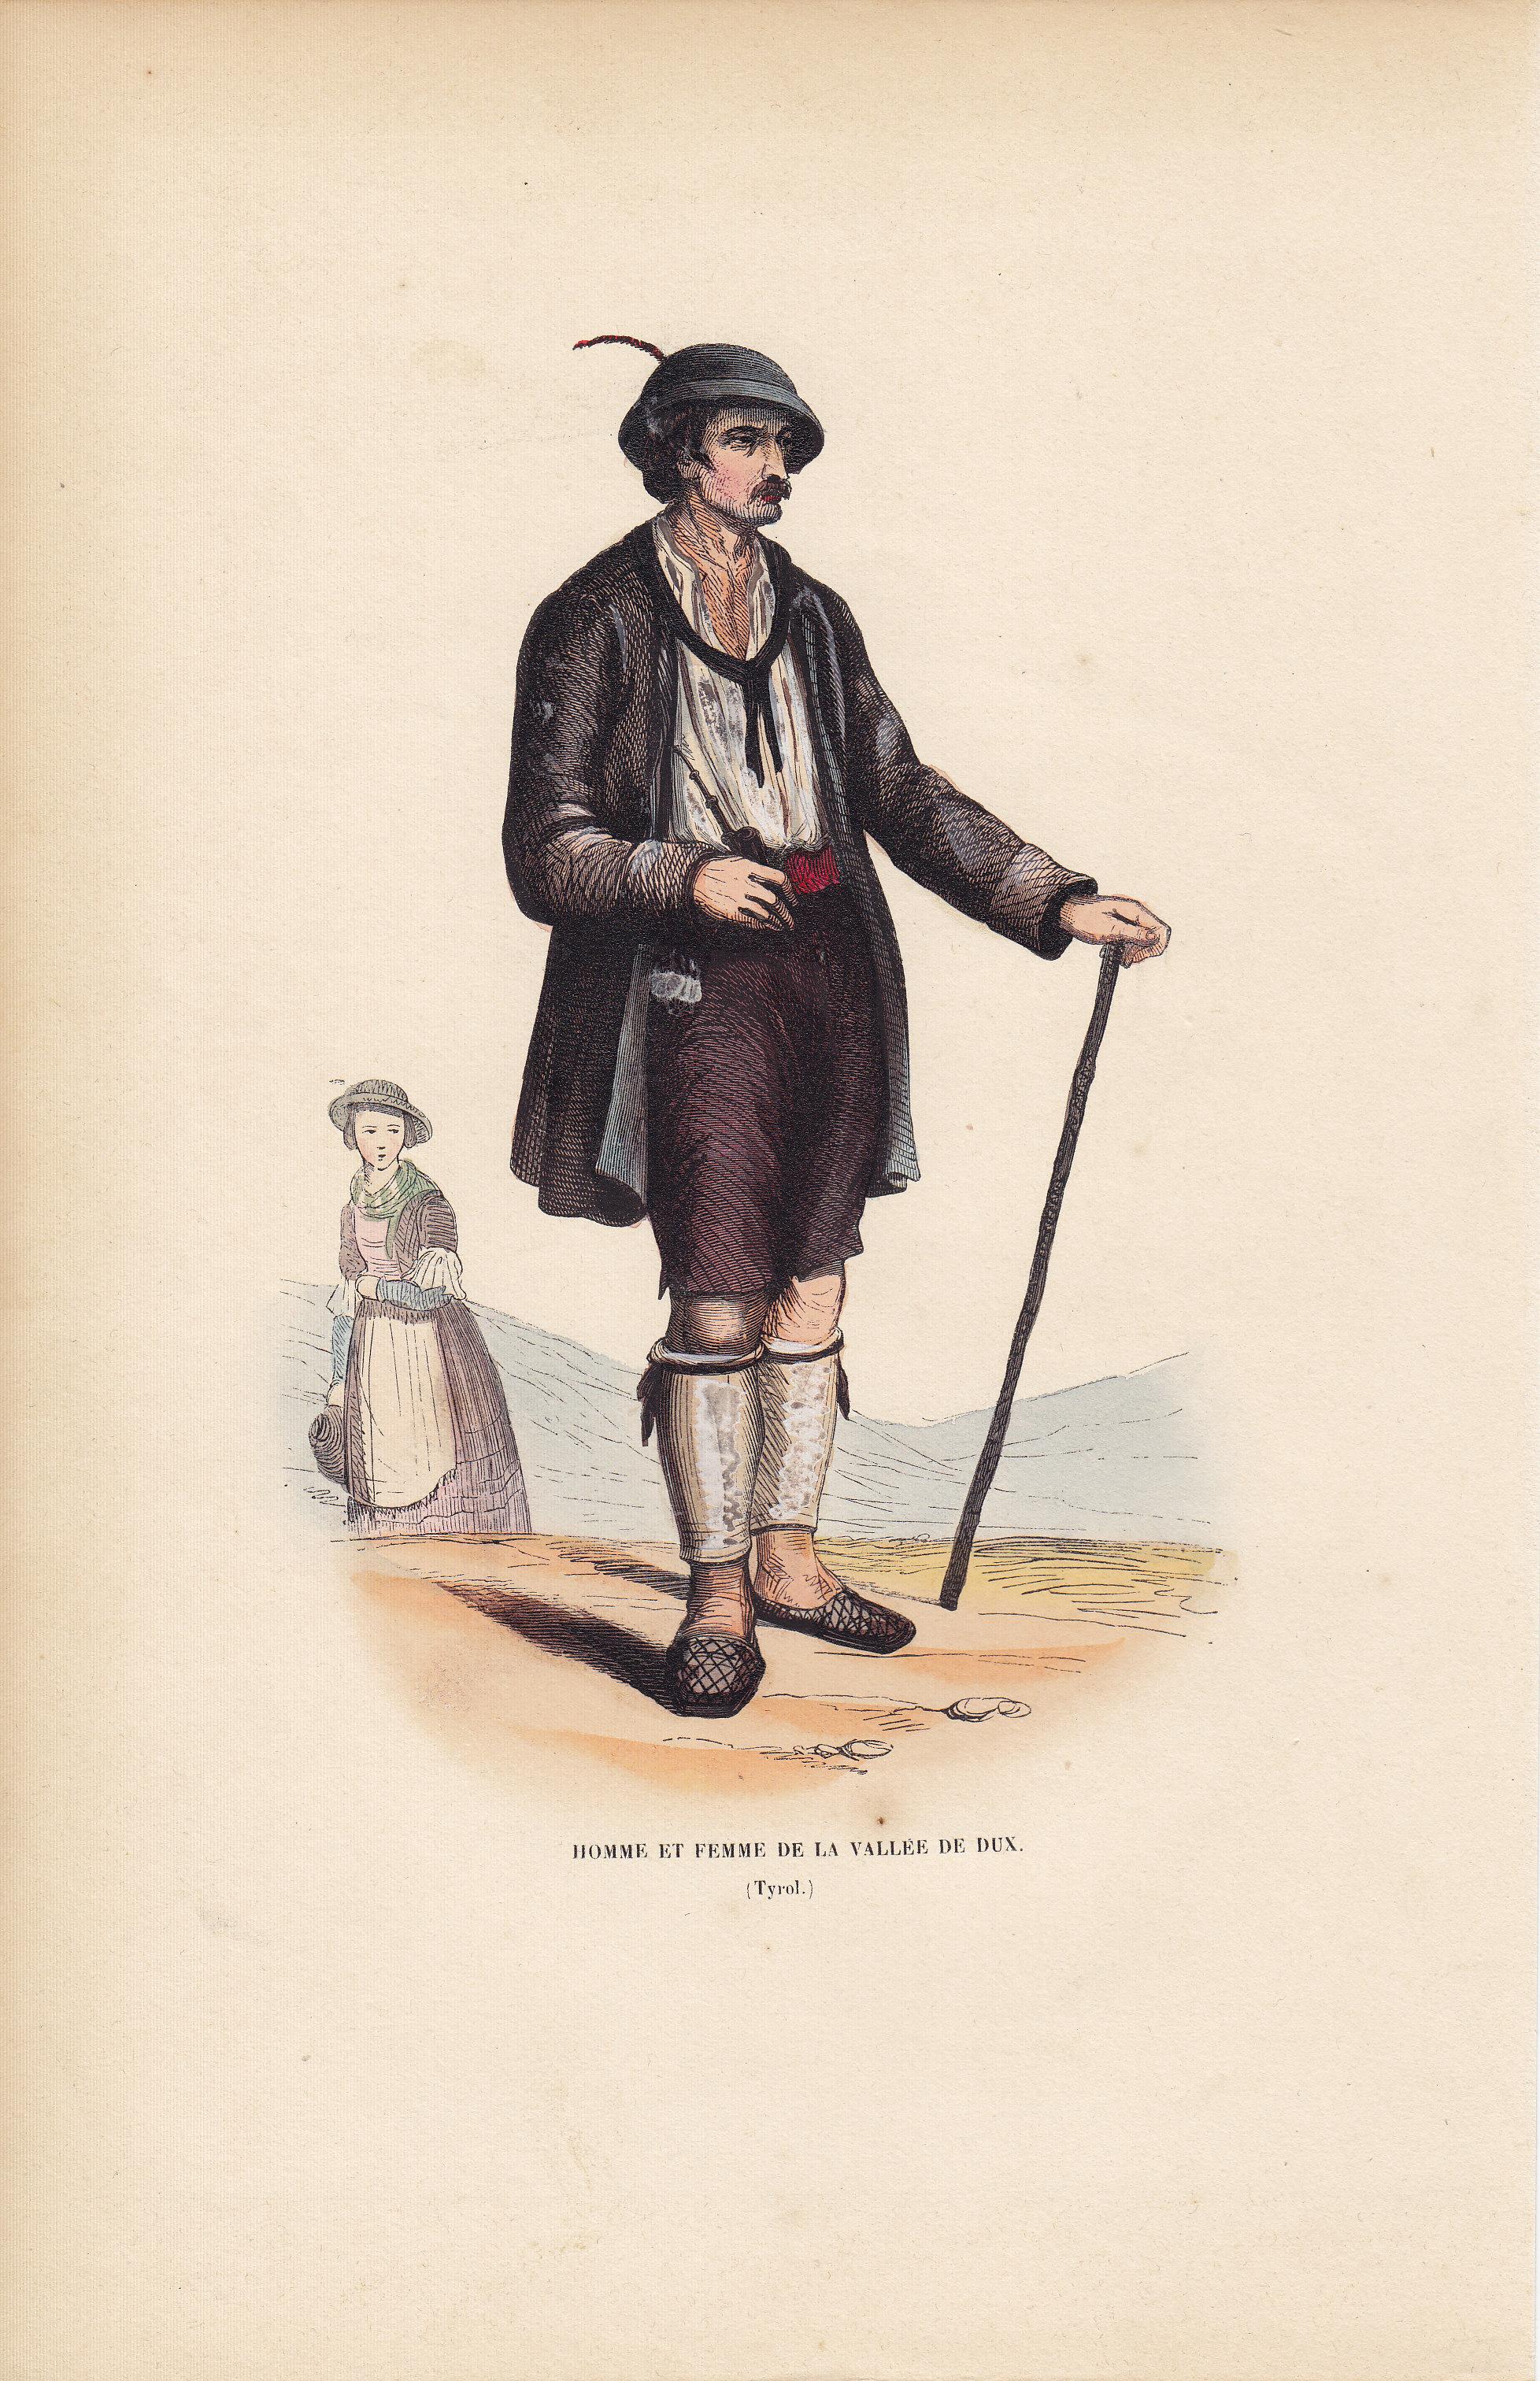 Homme Et Femme De La Vallee De Dux